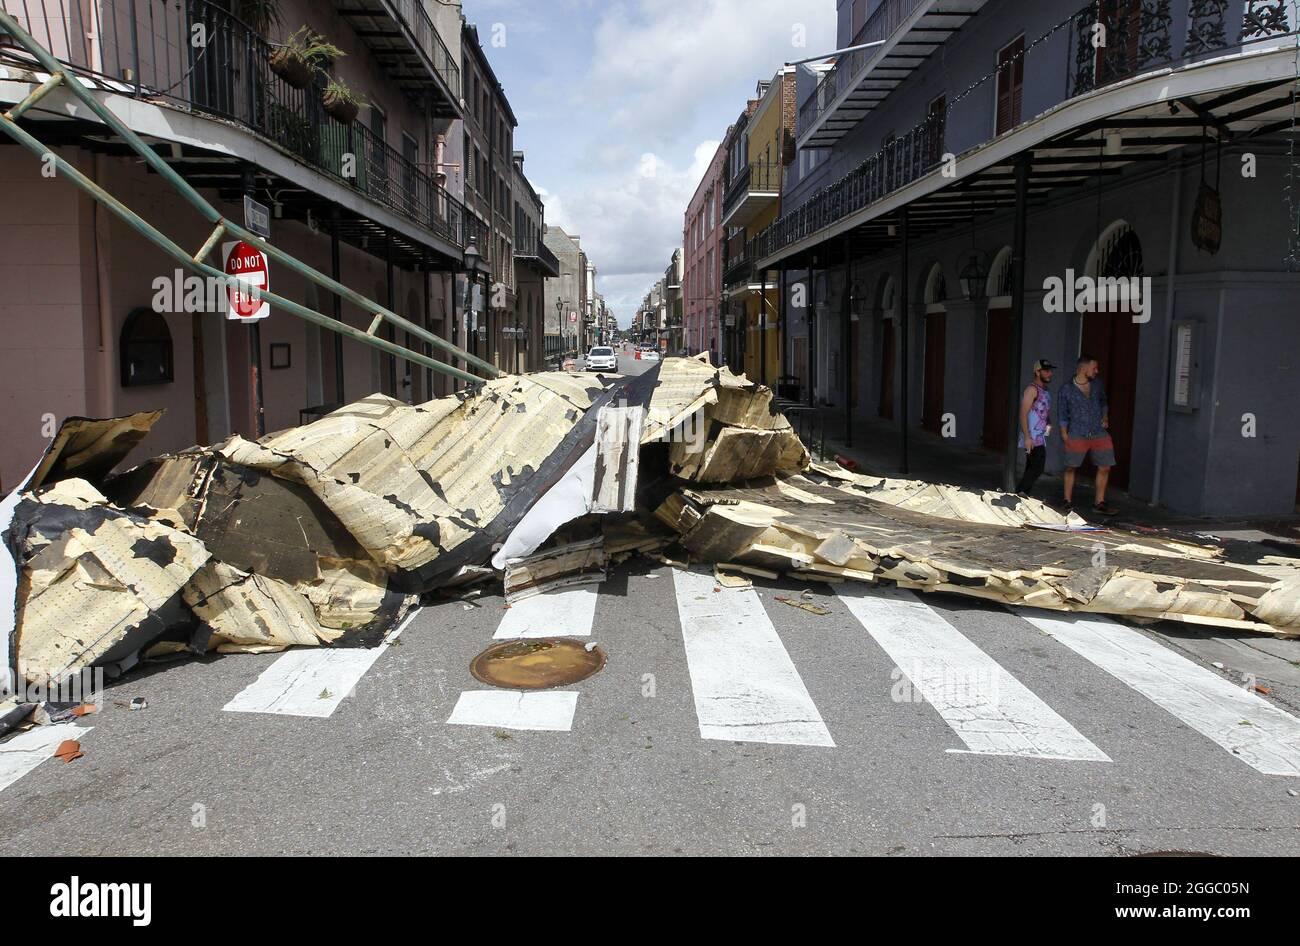 New Orleans, Usa. August 2021. Das Dach des nahegelegenen Gebäudes in der Straße im französischen Viertel von New Orleans nach dem Hurraka Ida am Montag, dem 30. August 2021. Der Strom wurde unterbrochen, als der Hurrikan am 29. August durch die Stadt stürzte, aber die Deiche hielten. Foto von AJ Sisco/UPI Credit: UPI/Alamy Live News Stockfoto